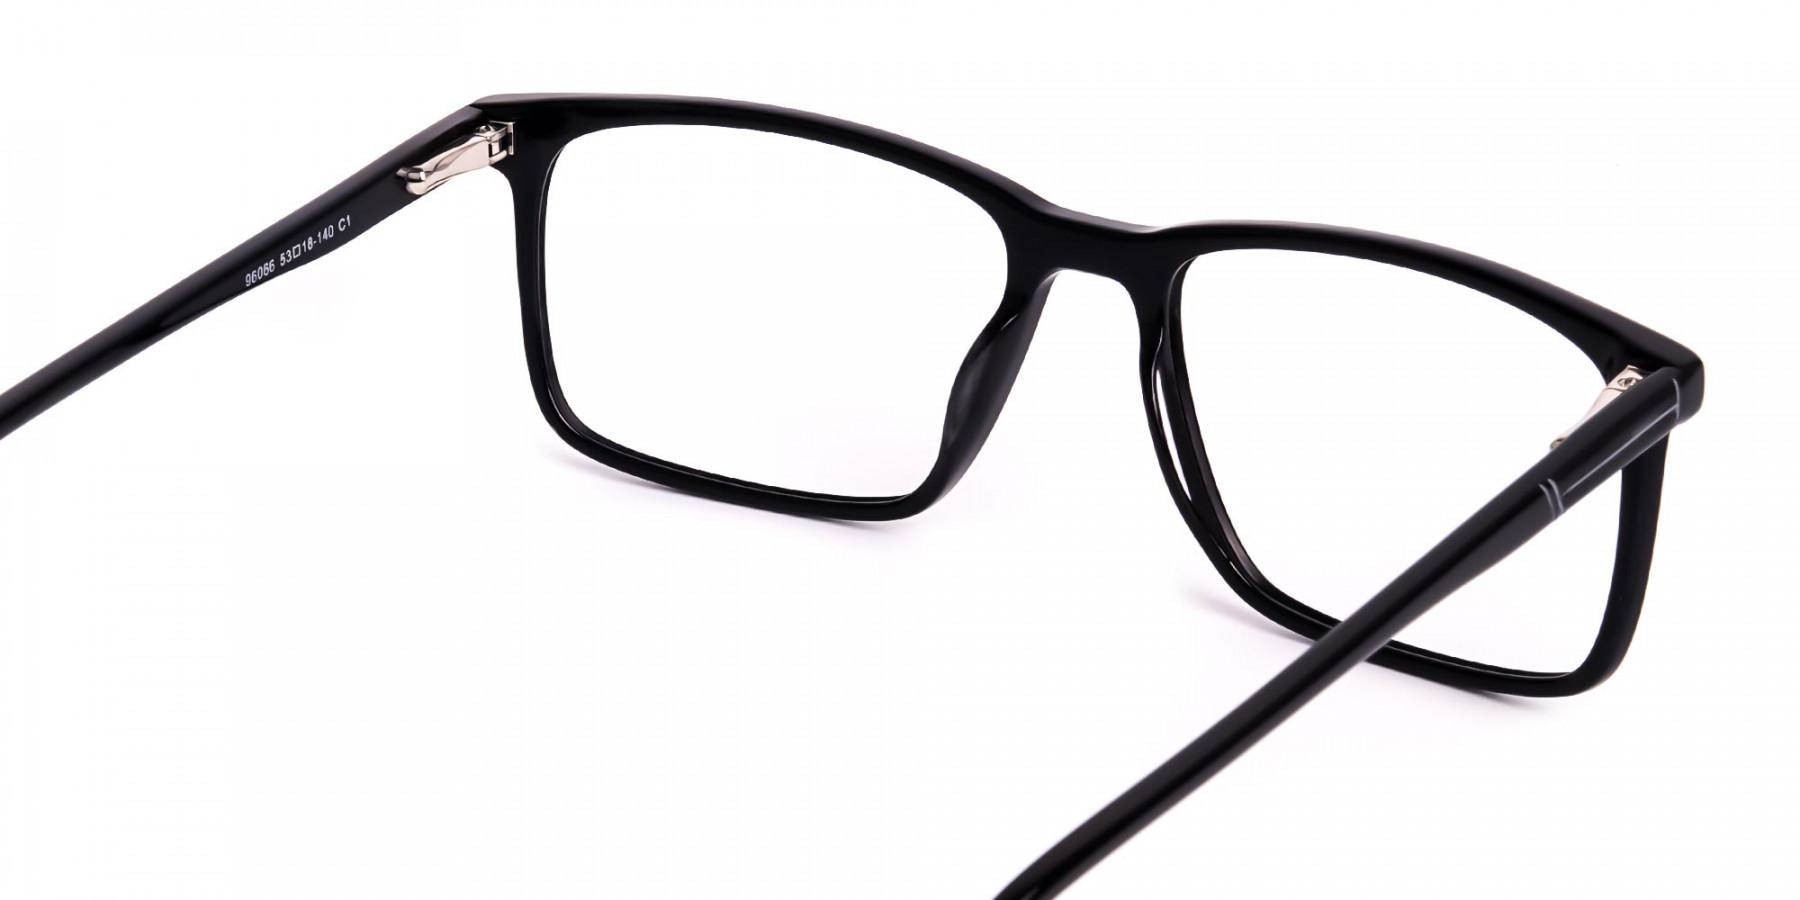 designer-black-full-rim-rectangular-glasses-frames-1